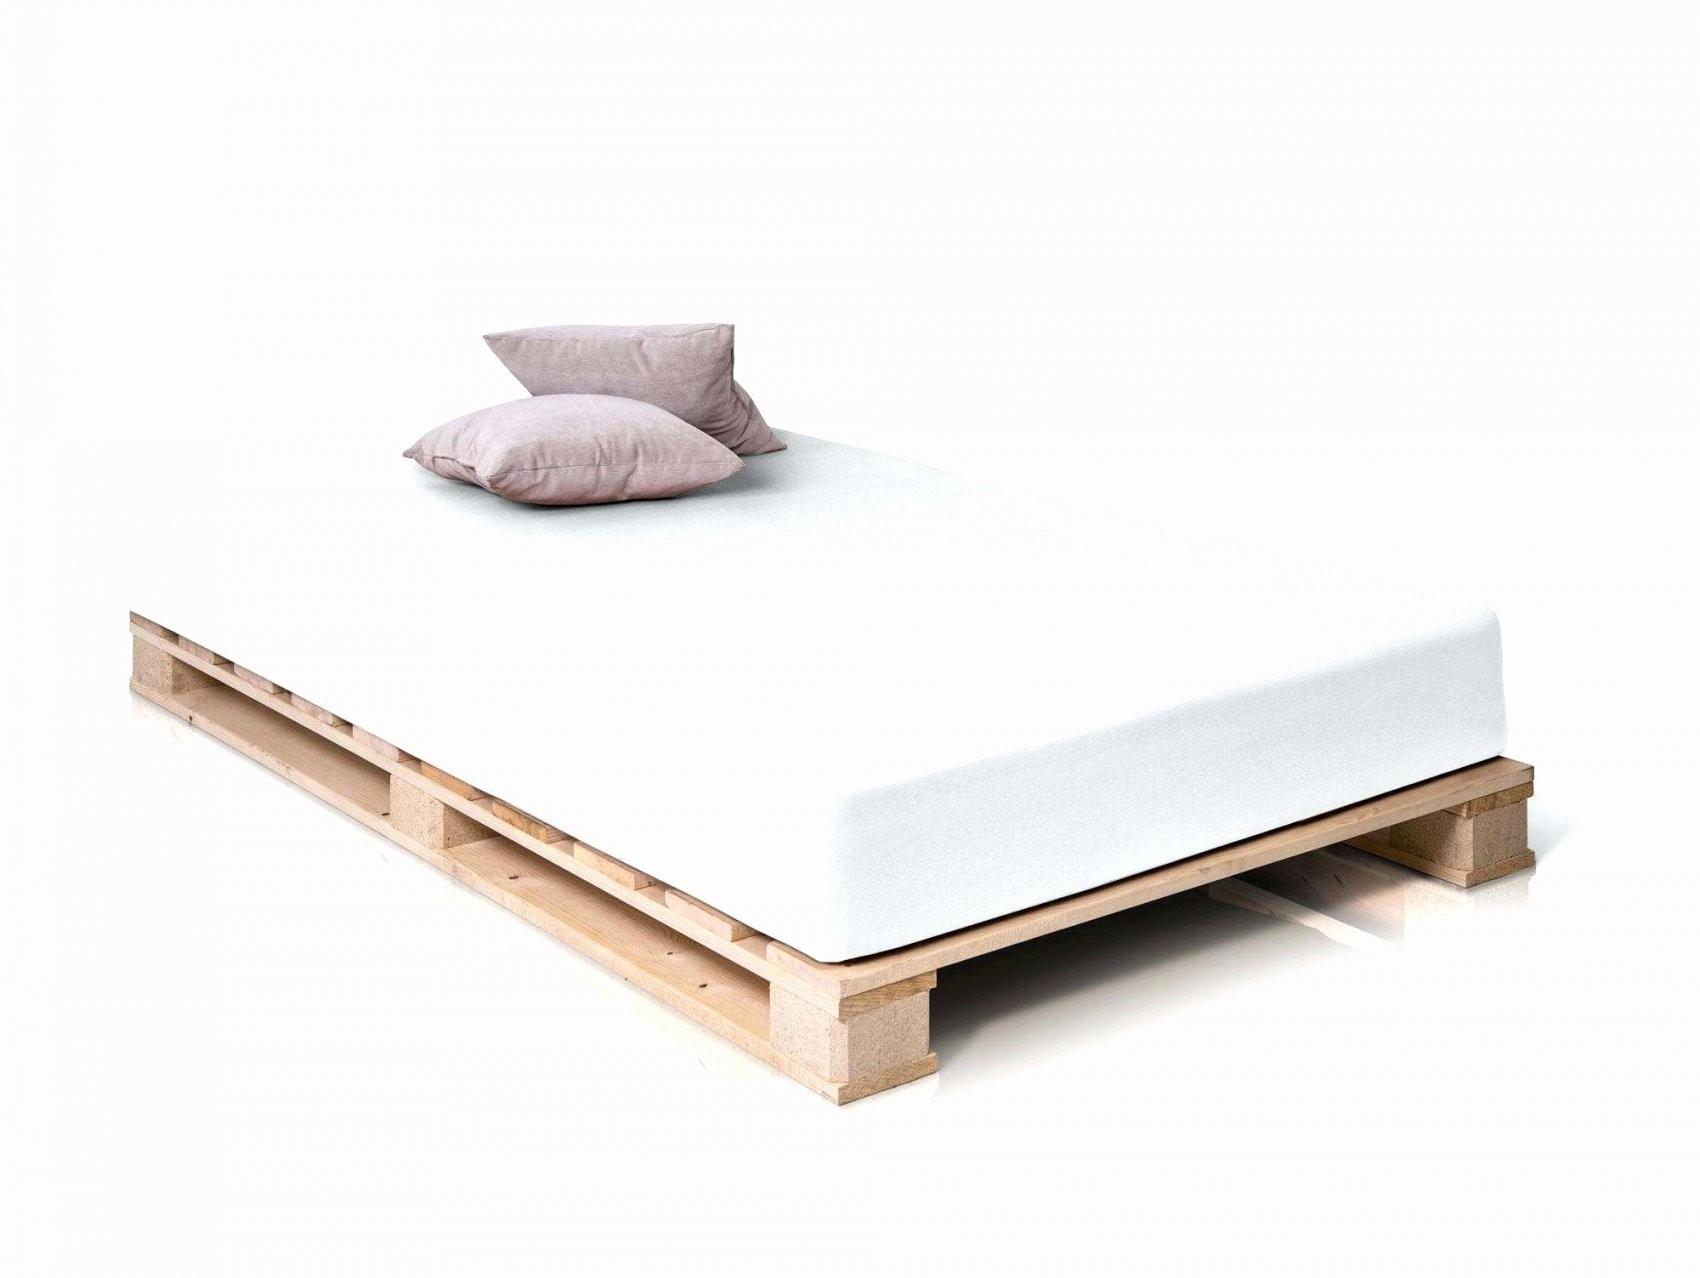 39 Bett 120X200 Holz  Afridiziakgo von Bett 120X200 Holz Photo